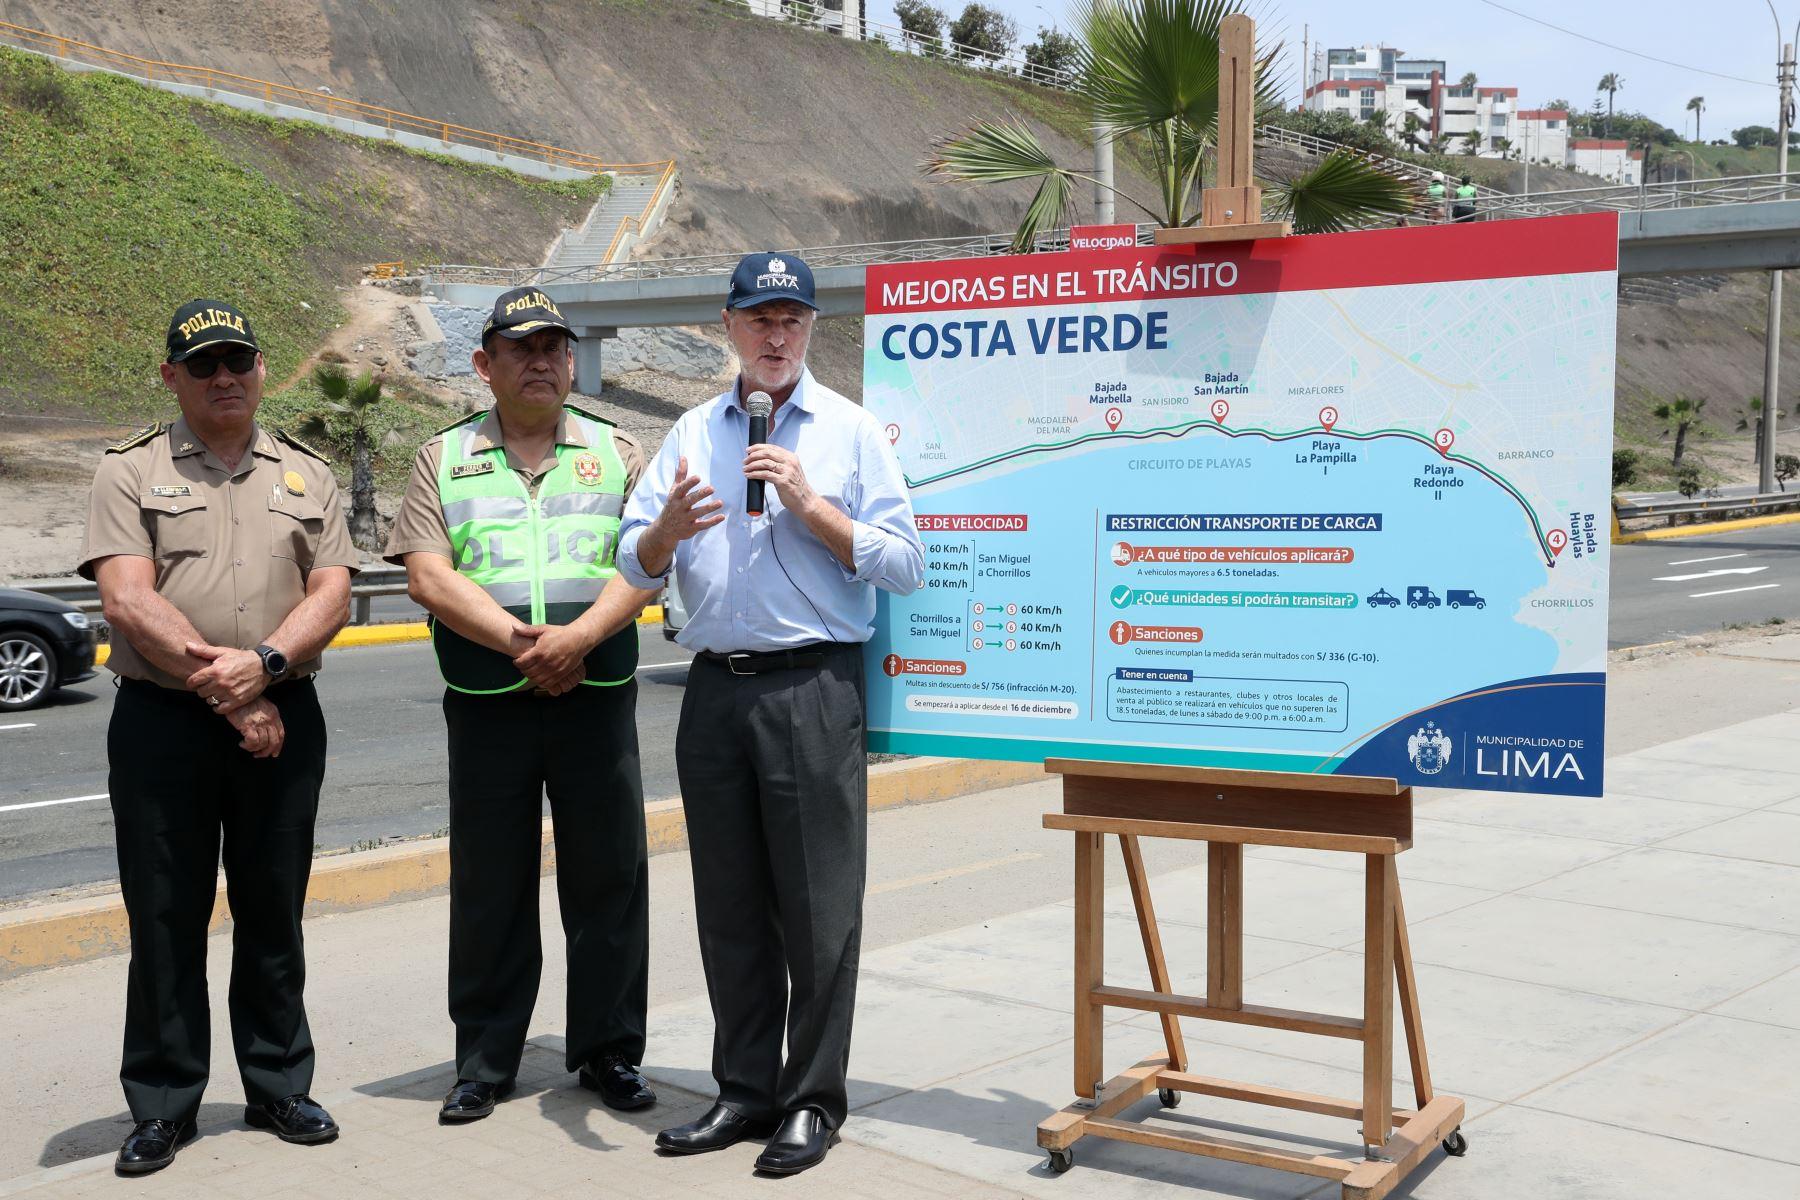 El alcalde de Lima, Jorge Muñoz, informa las nuevas medidas de gestión de tránsito en la Costa Verde, entre ellas la fiscalización de velocidad a través de cinemómetros. Foto: ANDINA/Melina Mejía